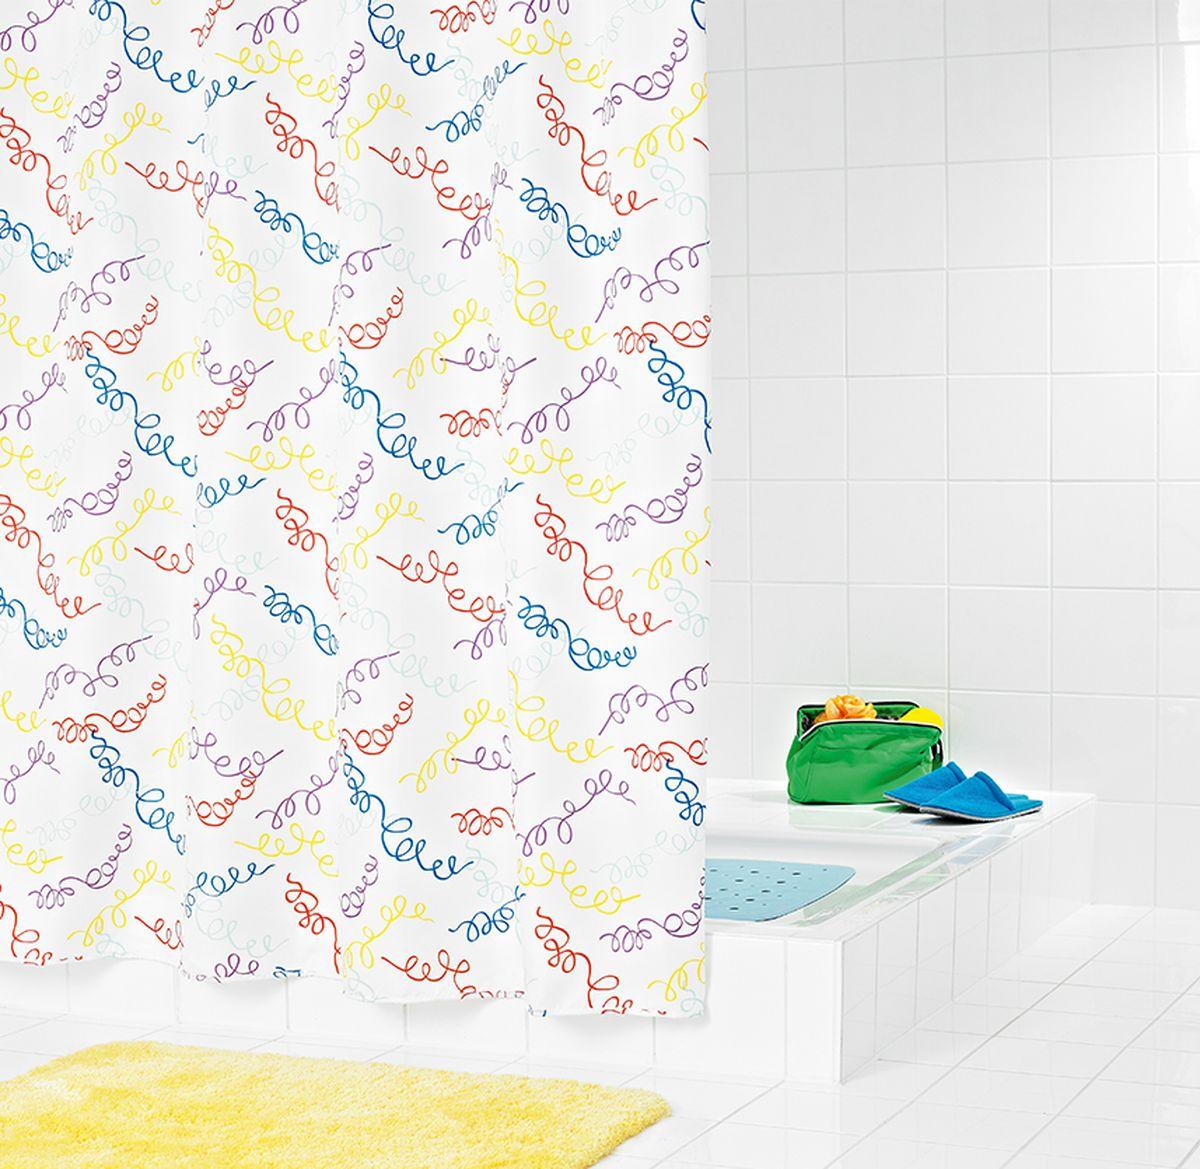 Штора для ванной комнаты Ridder Carneval, цвет: белый, мультиколор, 180 х 200 см штора для ванной комнаты vanstore zober цвет белый 180 х 180 см